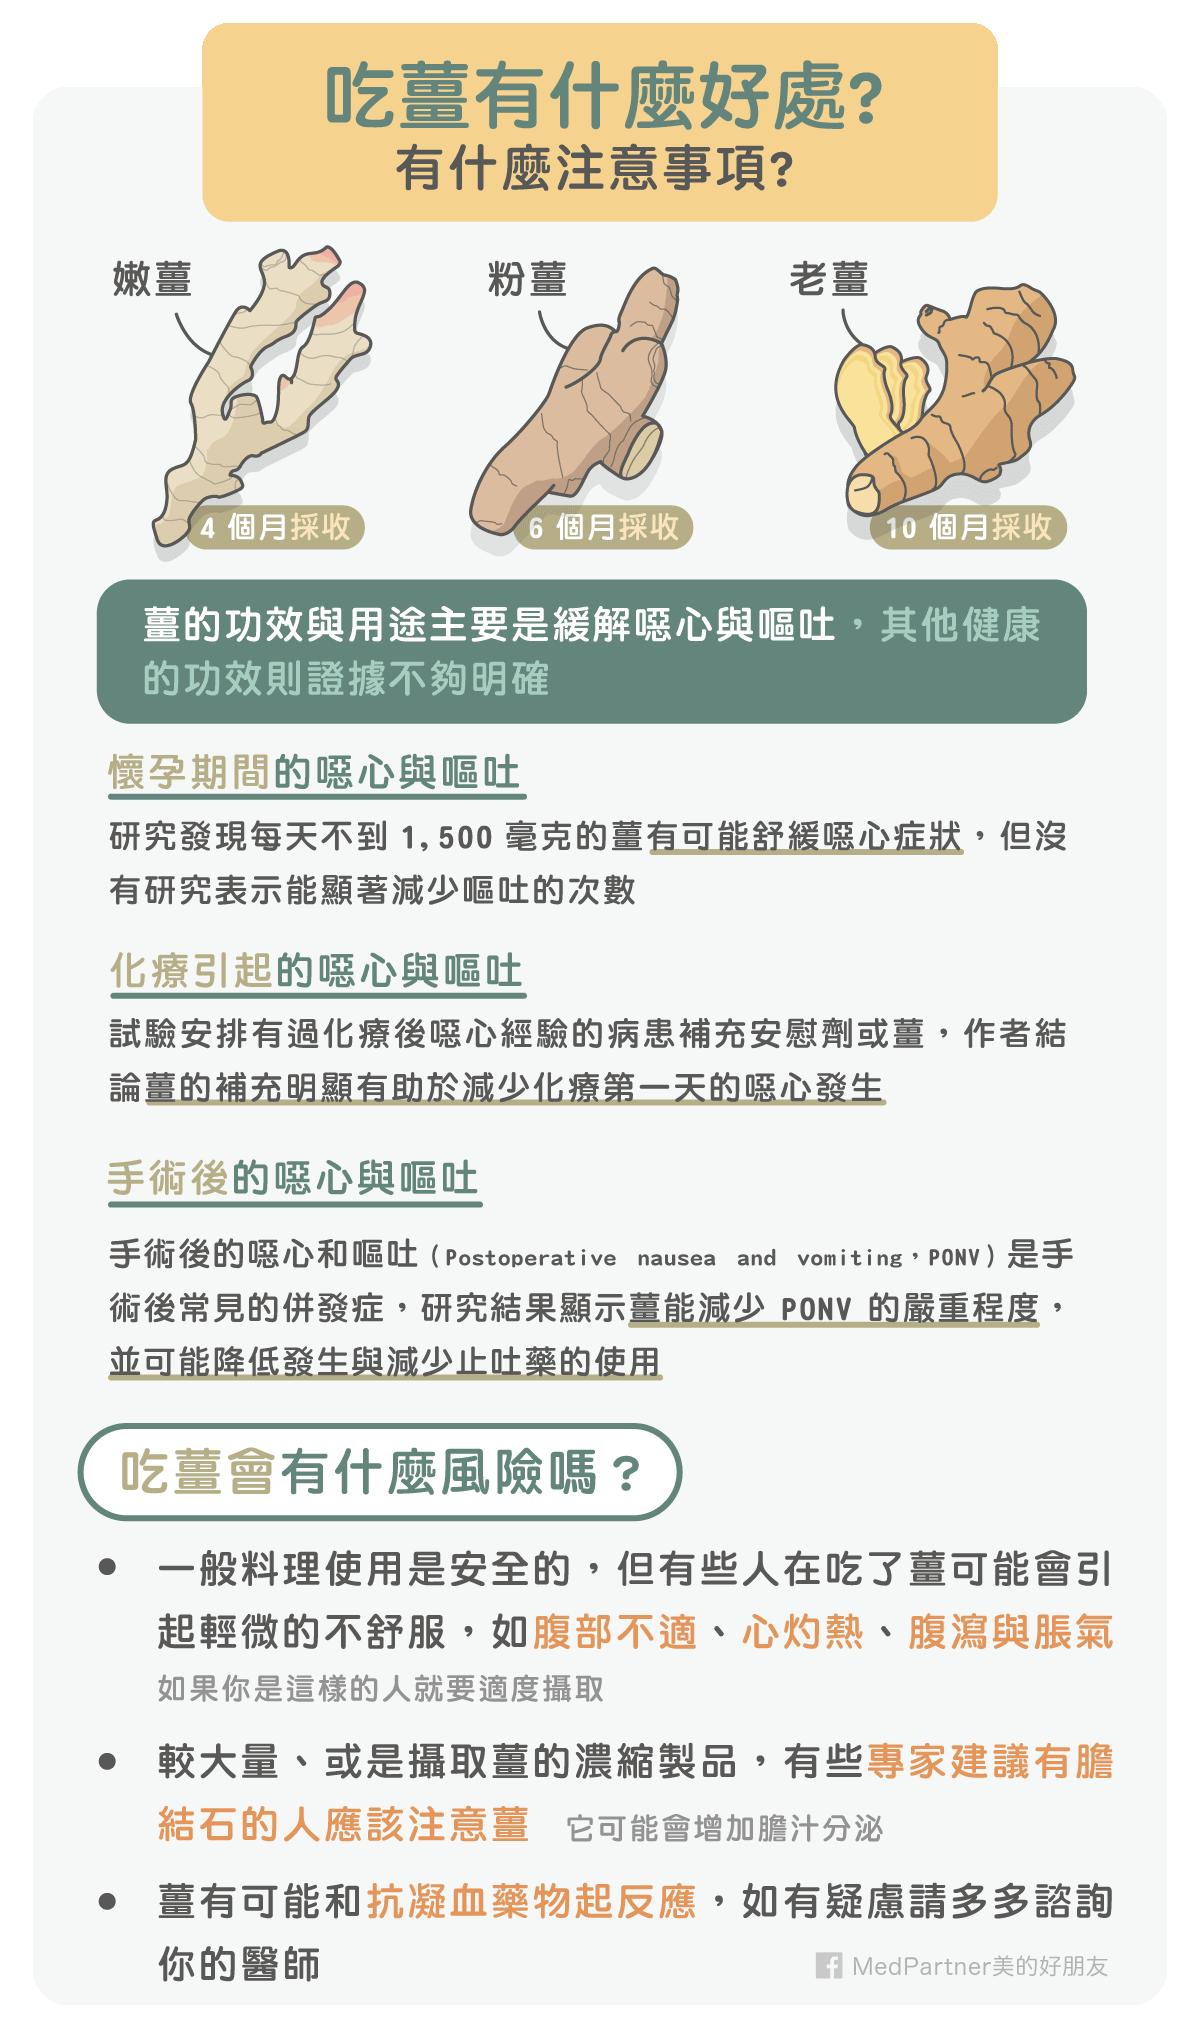 薑_功效與風險